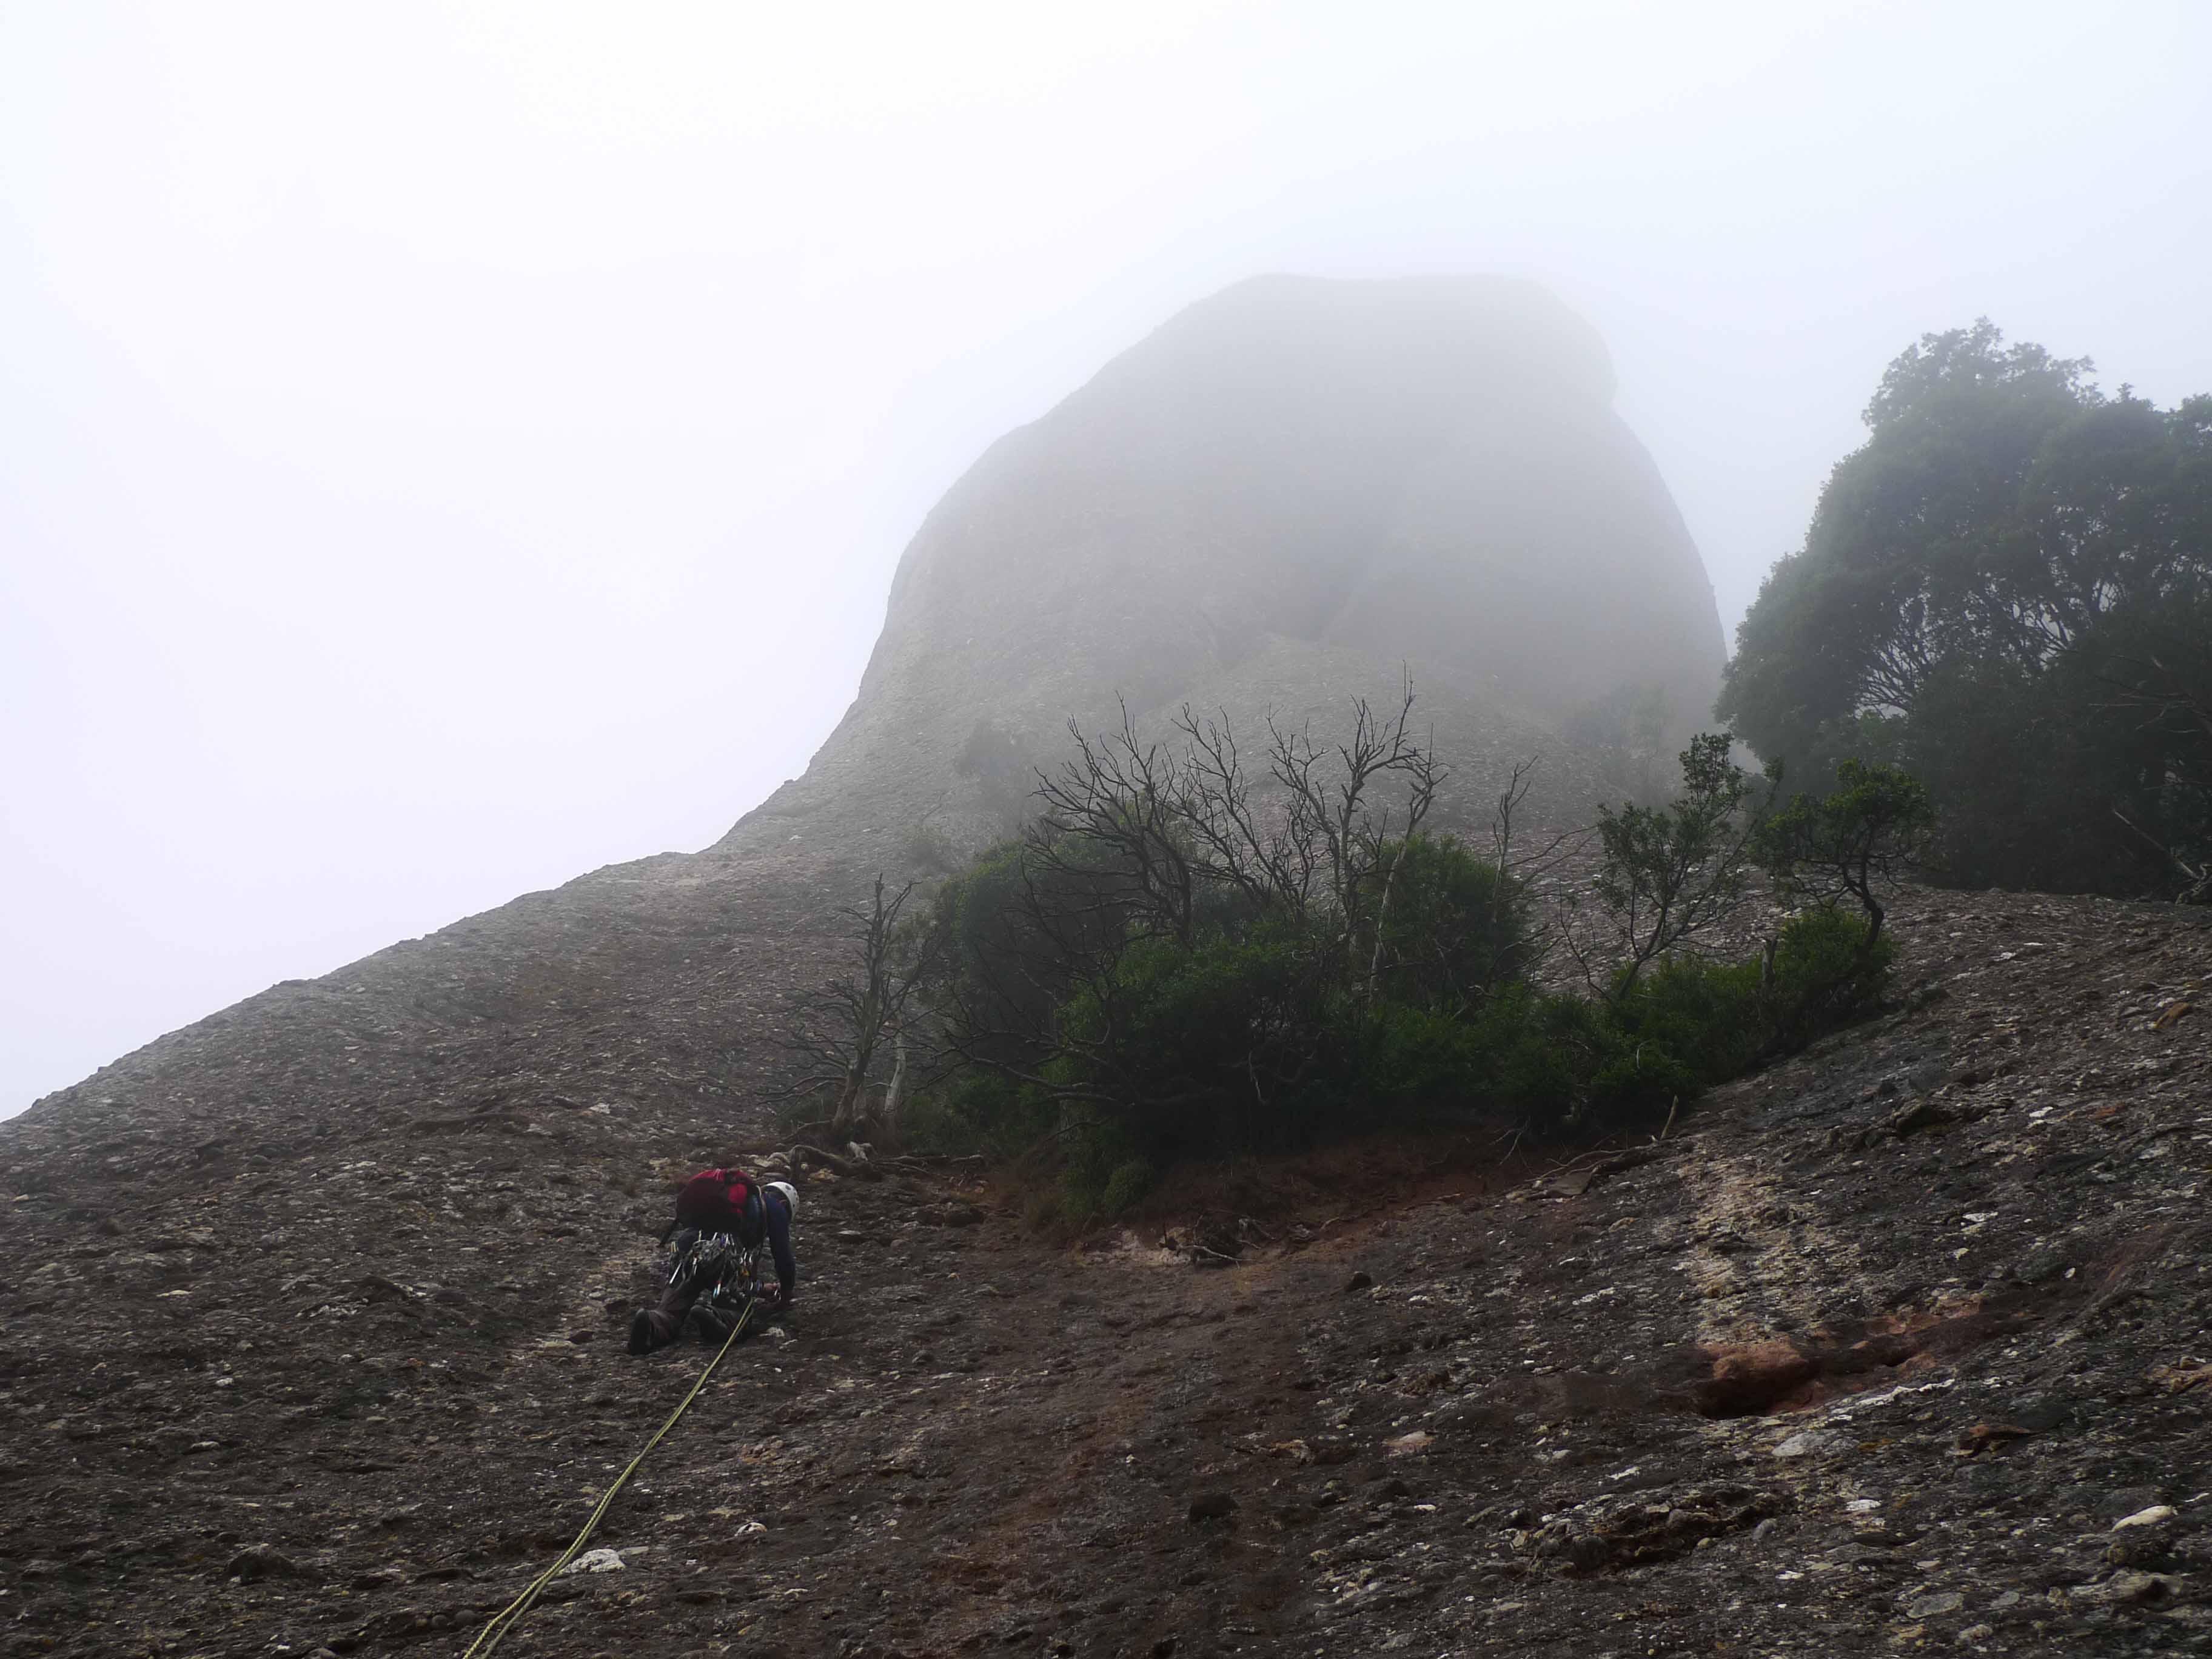 El bosc degota de boira pixanera i la roca és humida quan en Manel comença la via (III-IV).